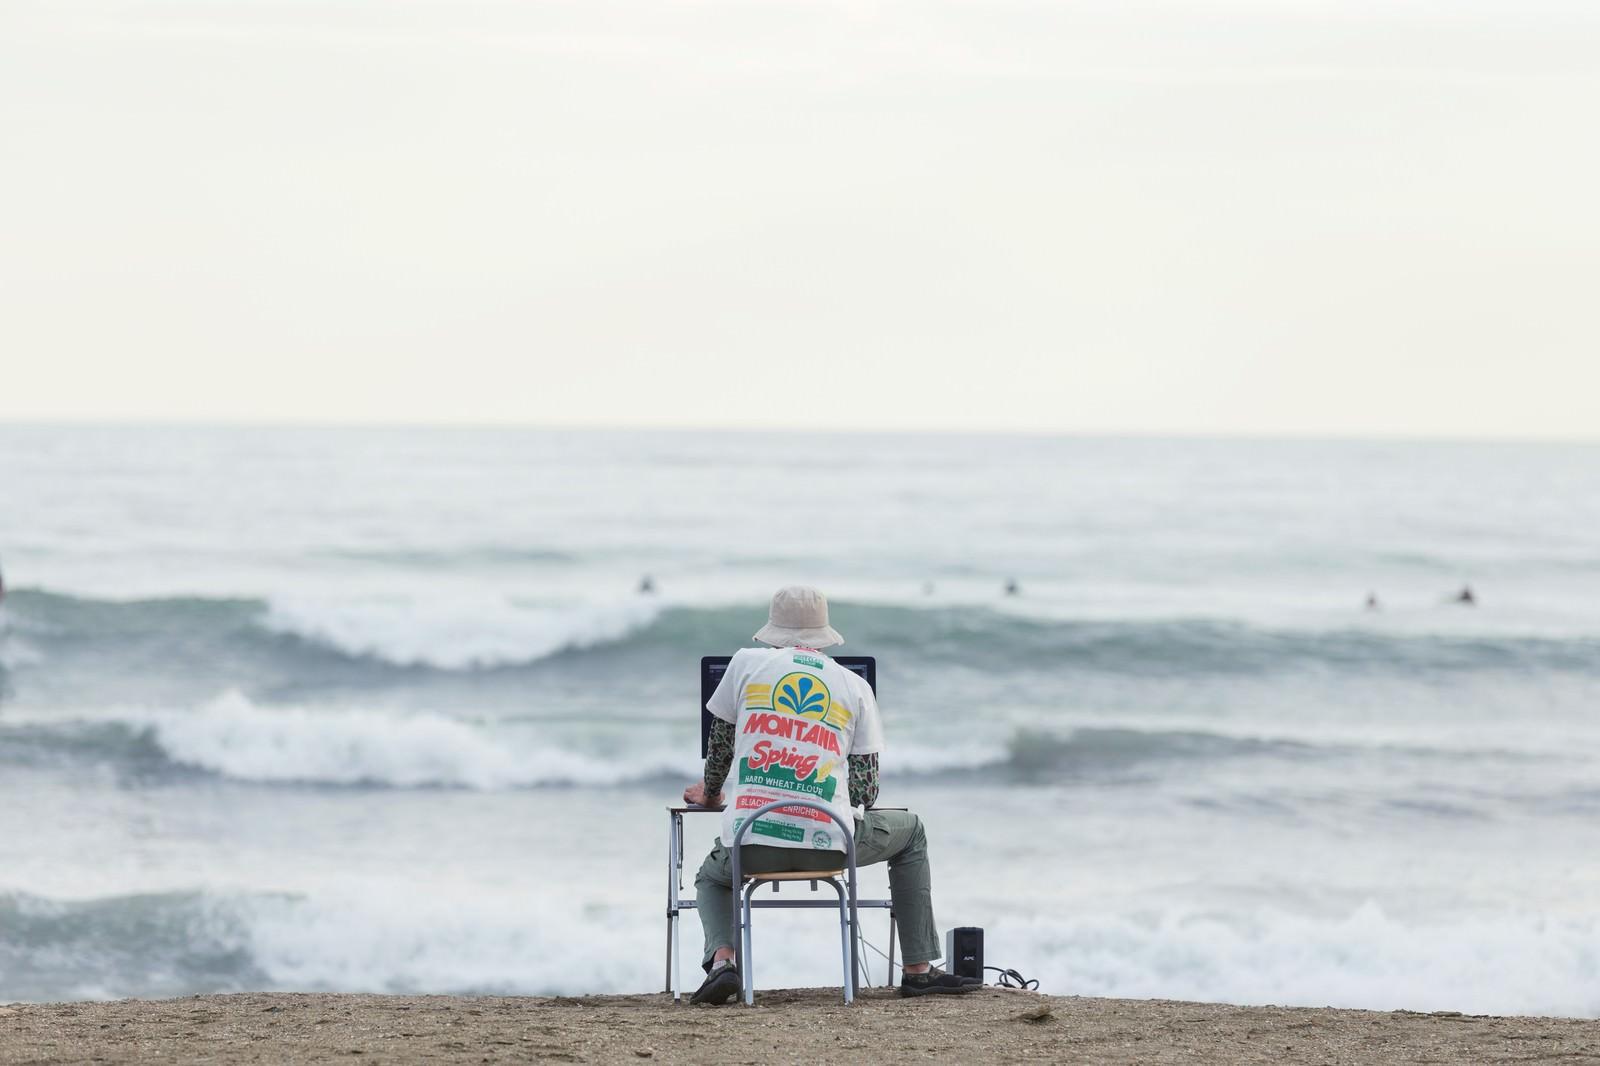 「締め切りの荒波に果敢に立ち向かうWebデザイナー」の写真